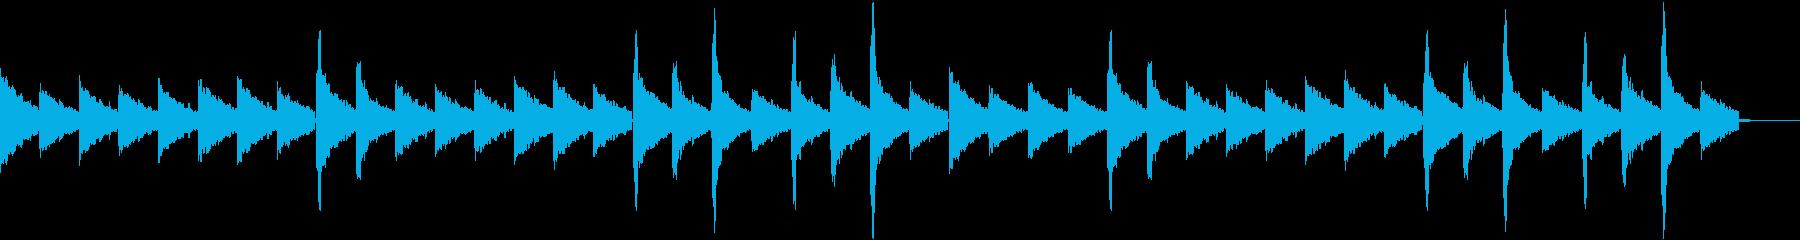 しっとりとしたBGMです。の再生済みの波形